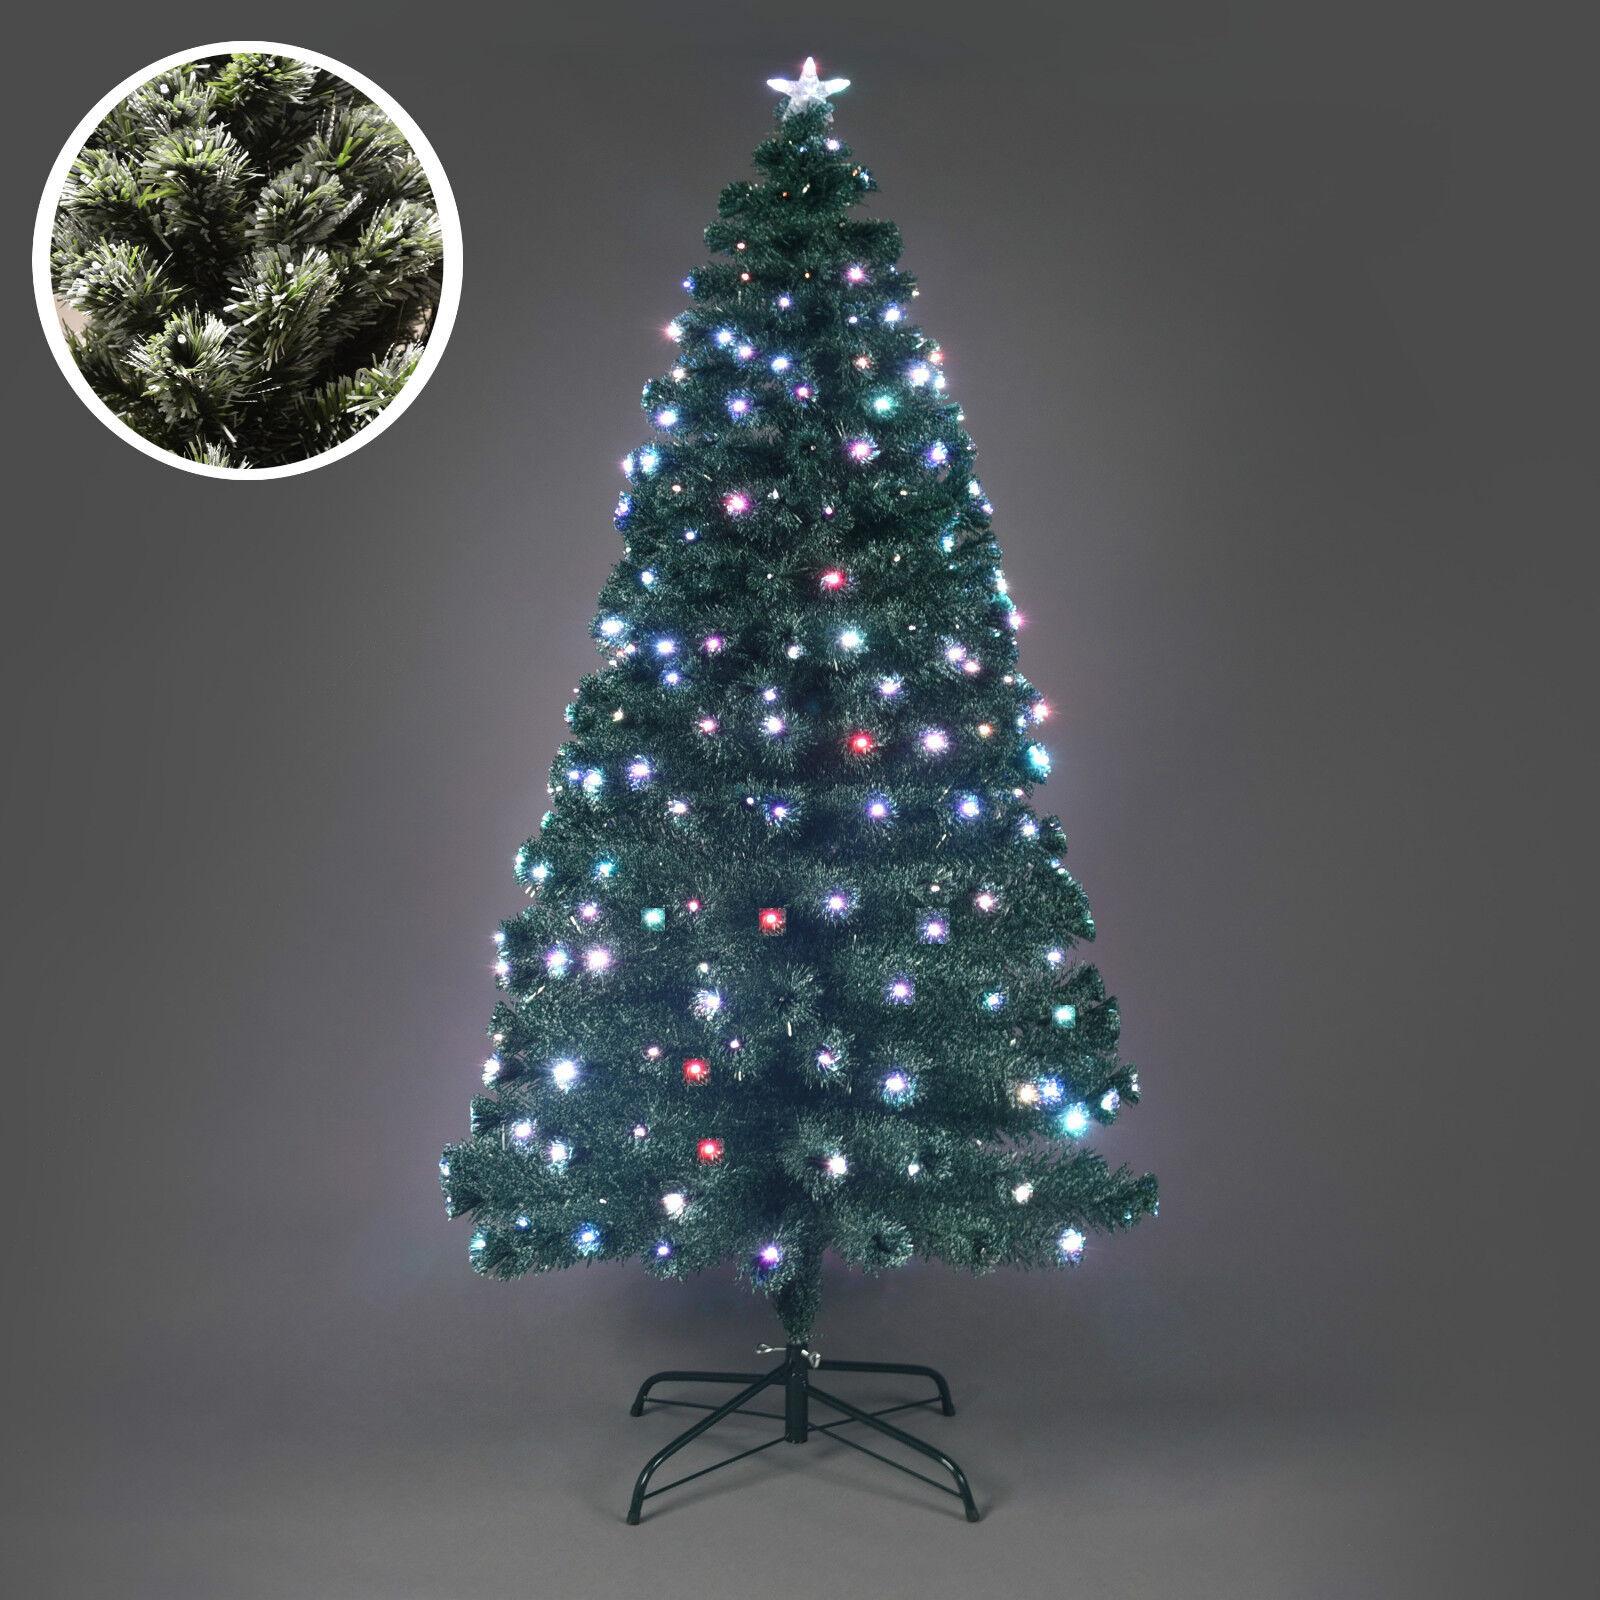 De Lujo Esmerilado verde Navidad Árbol de Navidad Decoración De Fibra Óptica Led MultiColor De Pino